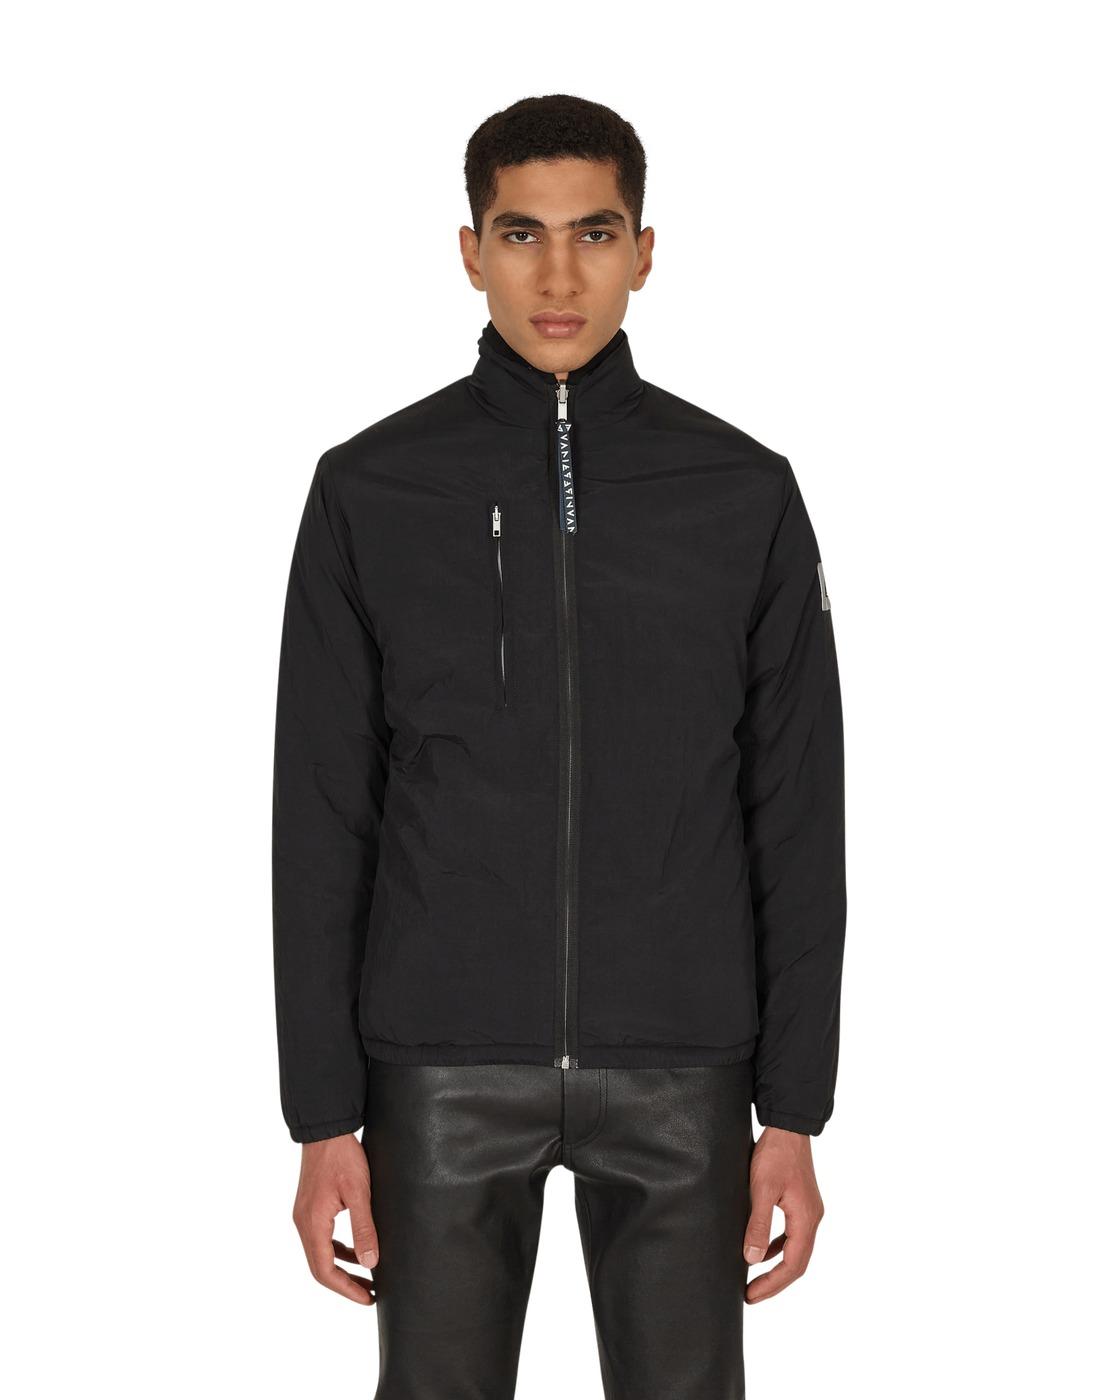 Aries Patchwork Reversible Fleece Jacket Multi